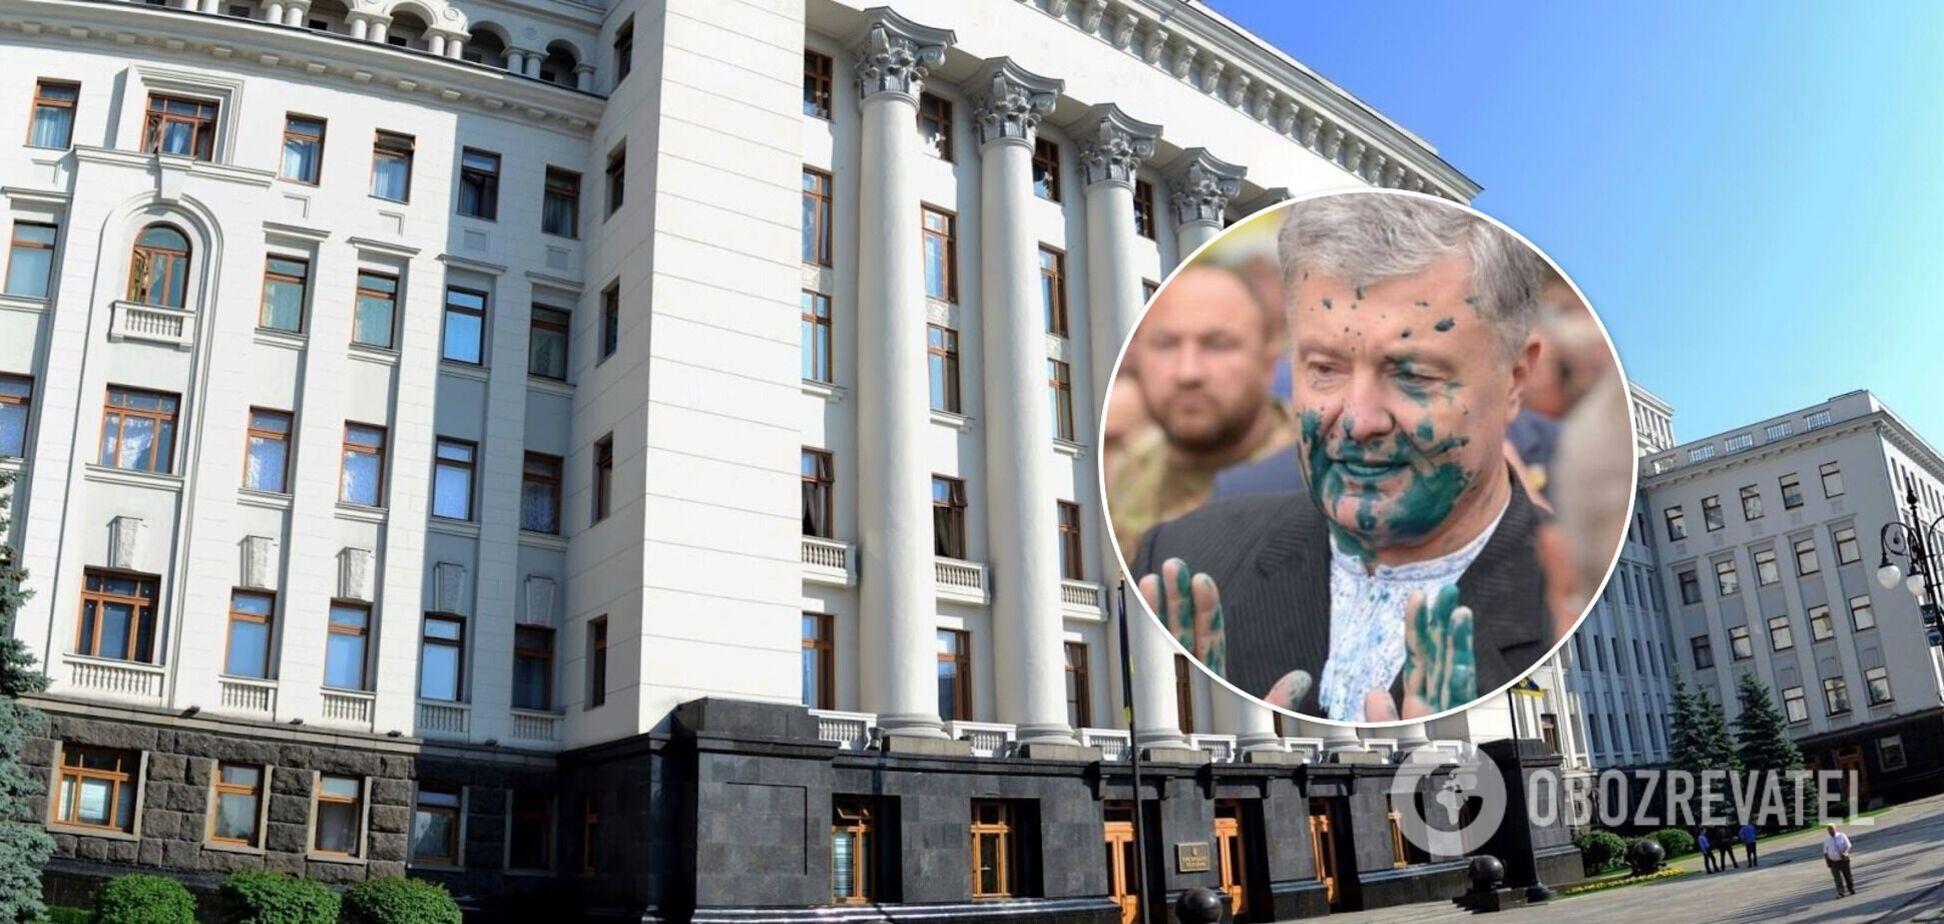 За Порошенко начали следить год назад, нападение с зеленкой – результат целенаправленной операции